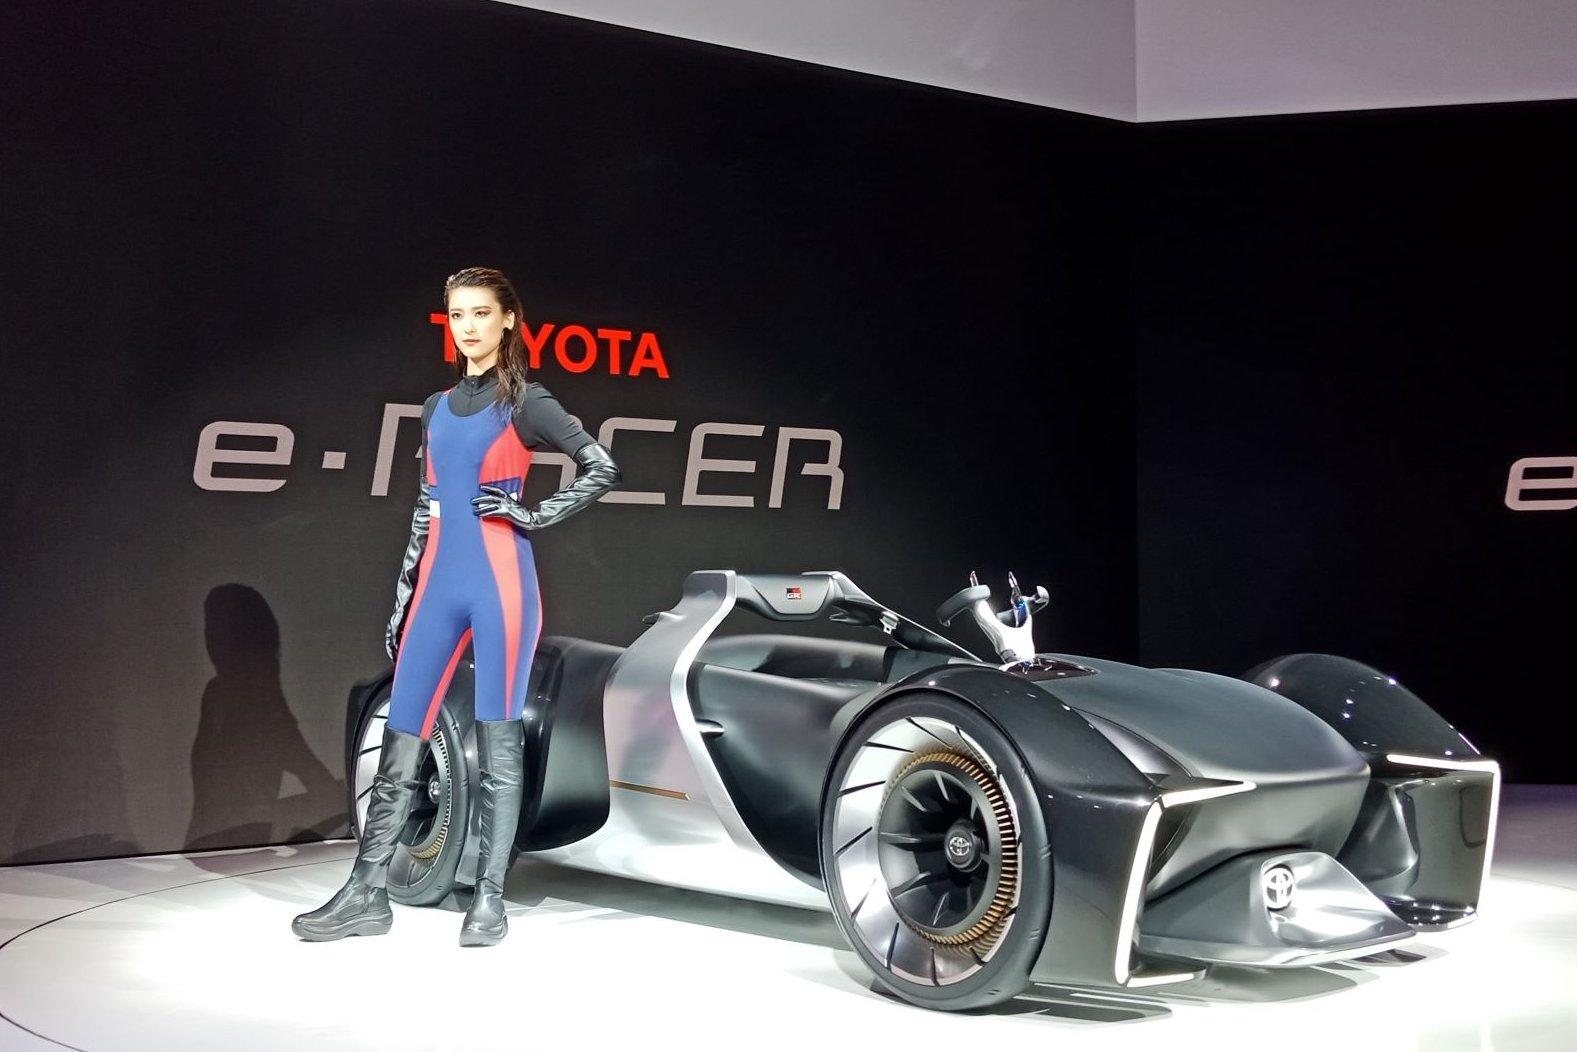 Toyota e-Racer. Prototipe statis mobil balap masa depan keluaran Toyota ini dipamerkan di ajang Tokyo Motor Show 2019 yang digelar di Tokyo Big Sight sejak 24 Oktober hingga 4 November mendatang.